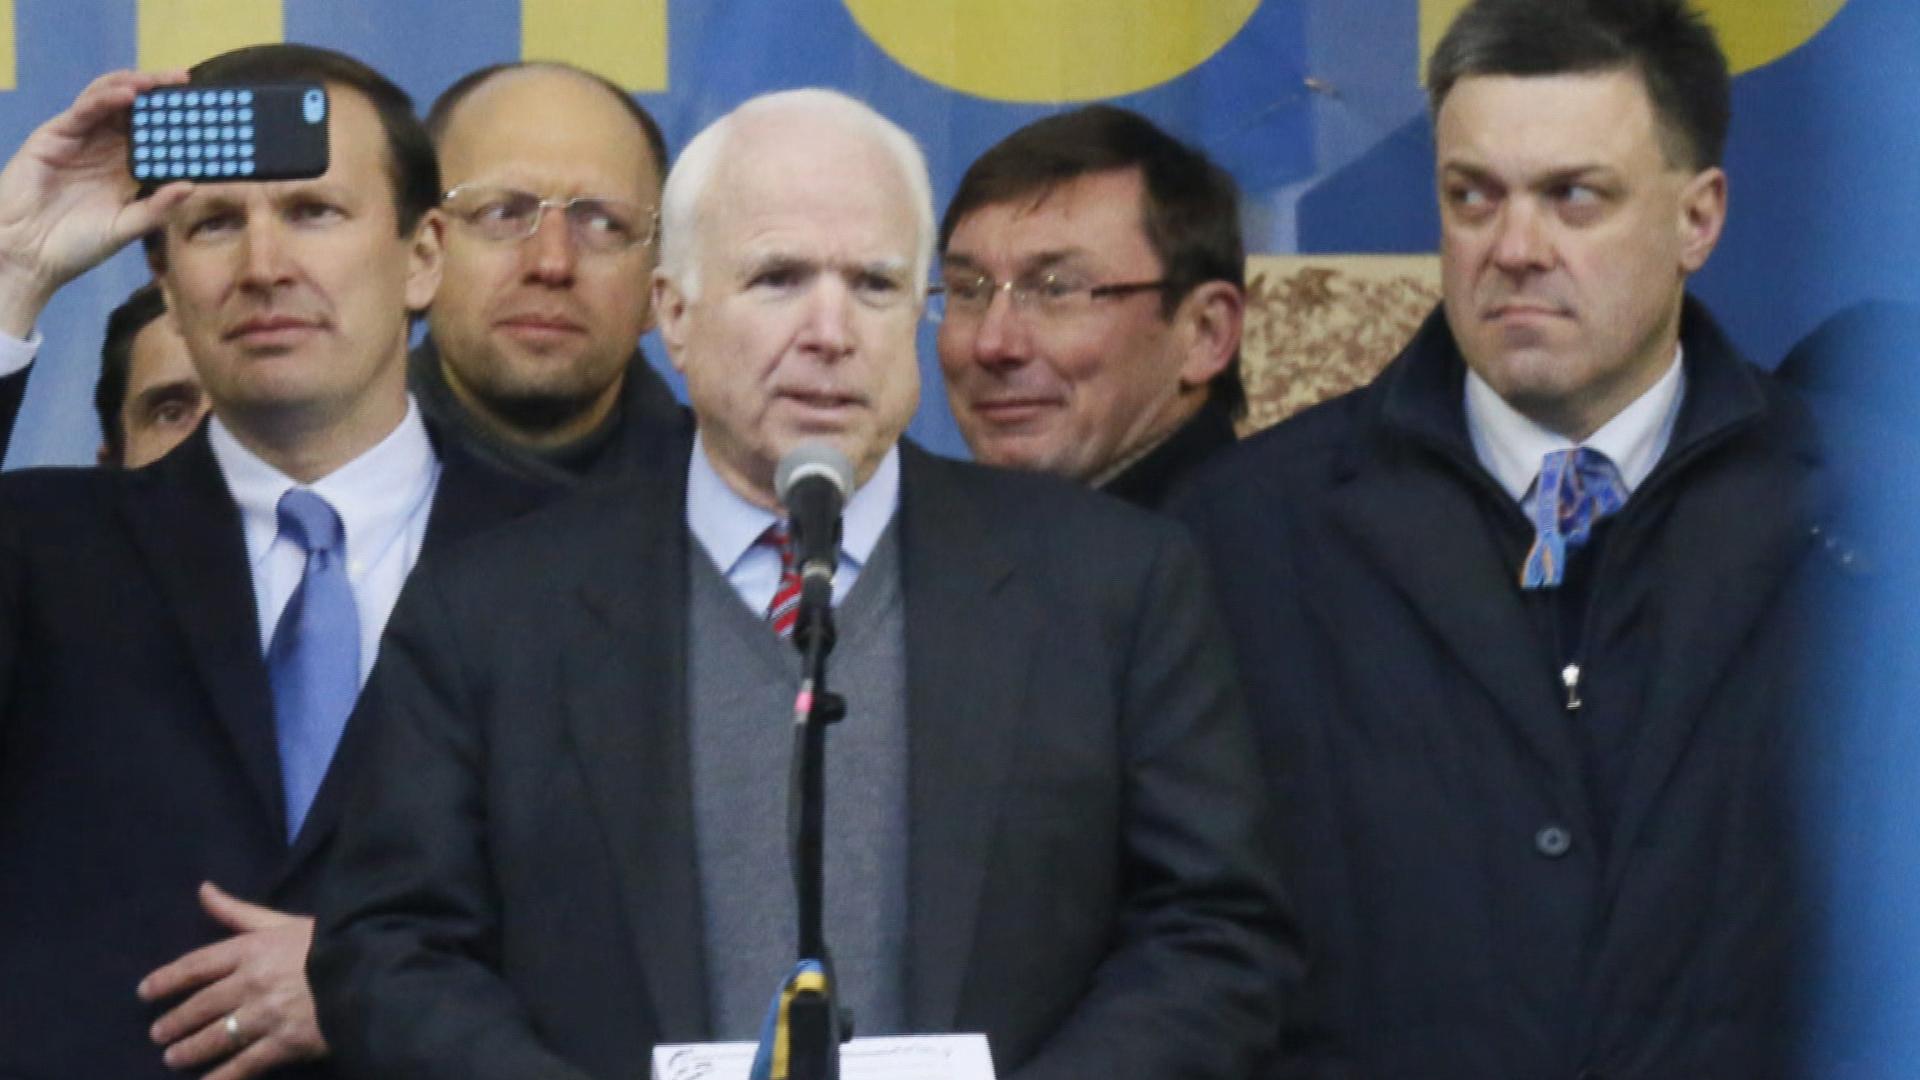 John McCain loves picking sides